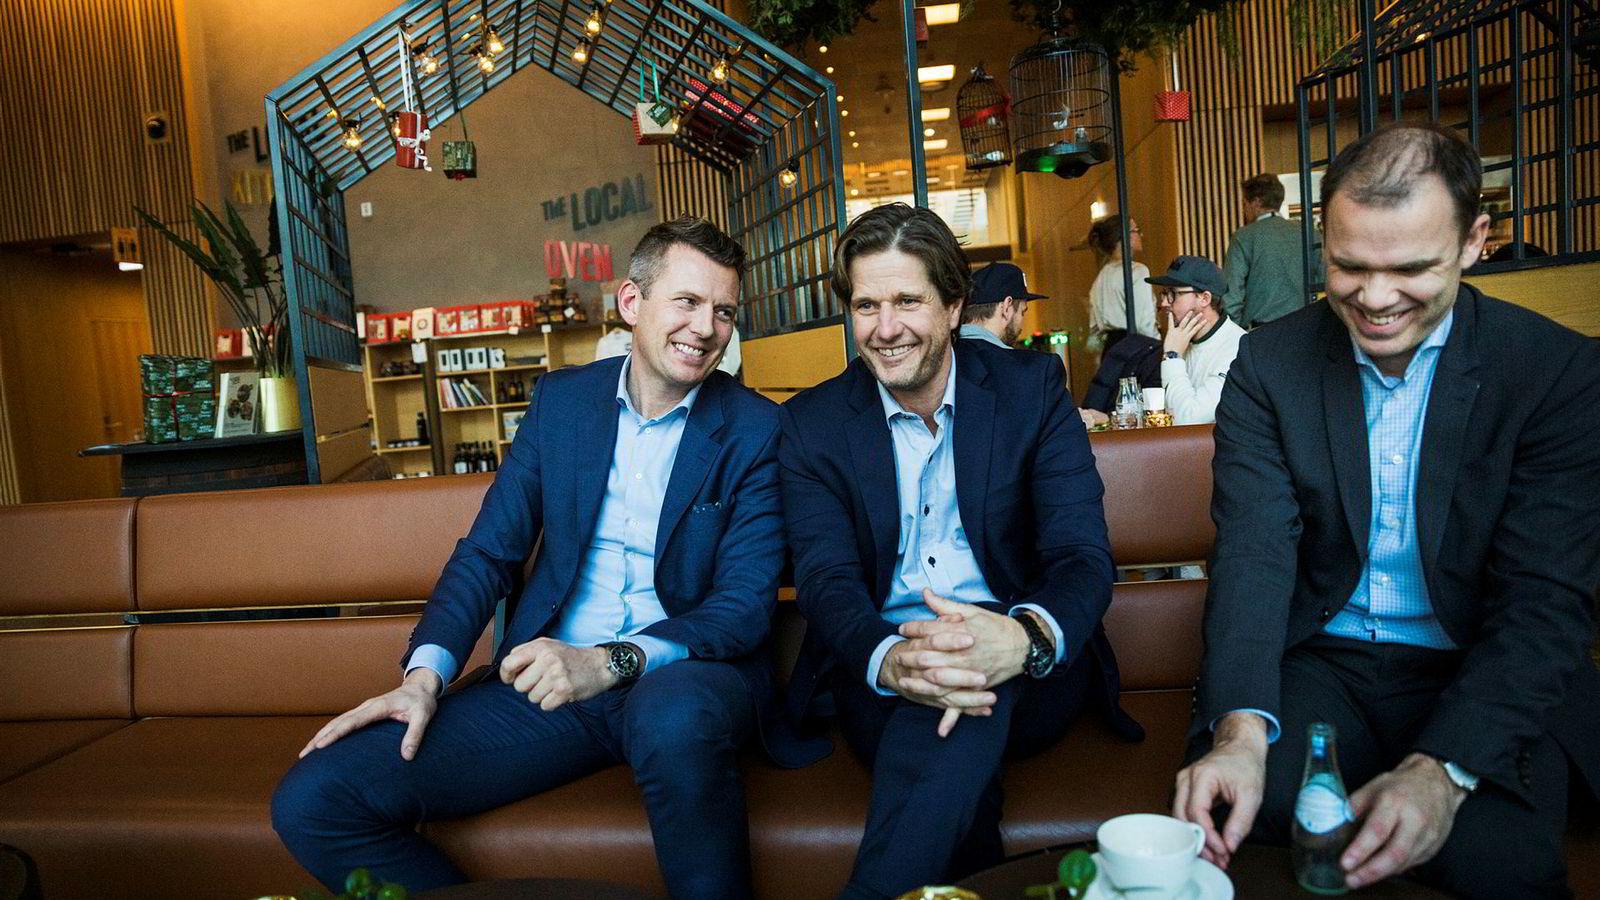 De vil tilby et kontor med en hotellfølelse. Fra venstre, Olav Langli, sjef for Haut Nordic Facility Services, Sondre Prestegård sjef for Haut Nordic og Torstein Storækre, sjef i FP Eiendom.